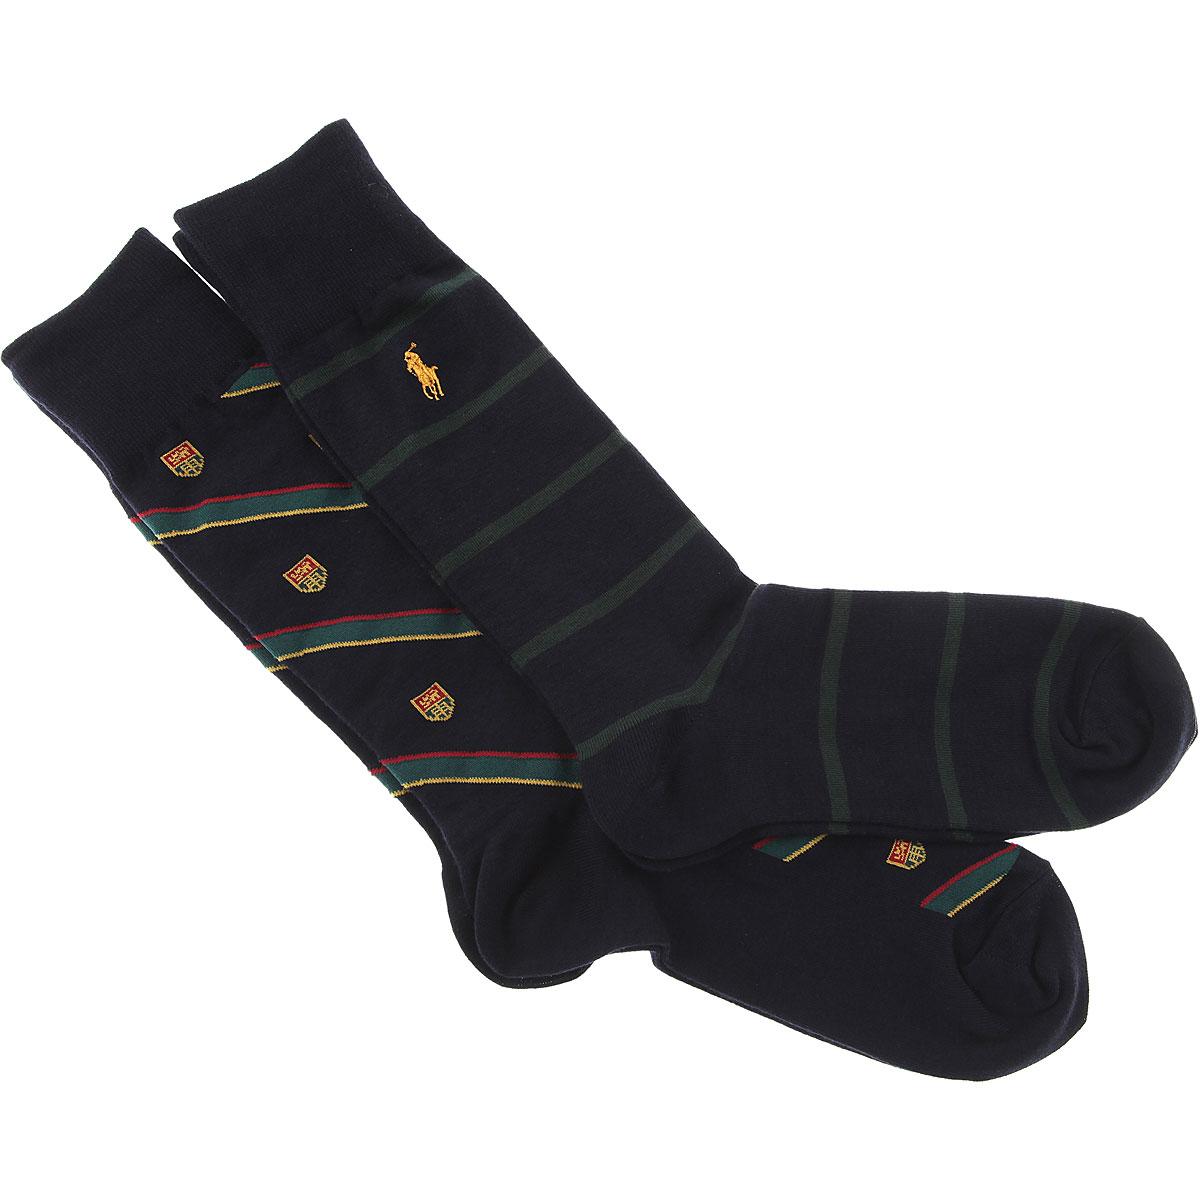 Image of Ralph Lauren Socks Socks for Men, 2 Pack, Blue Navy, Cotton, 2017